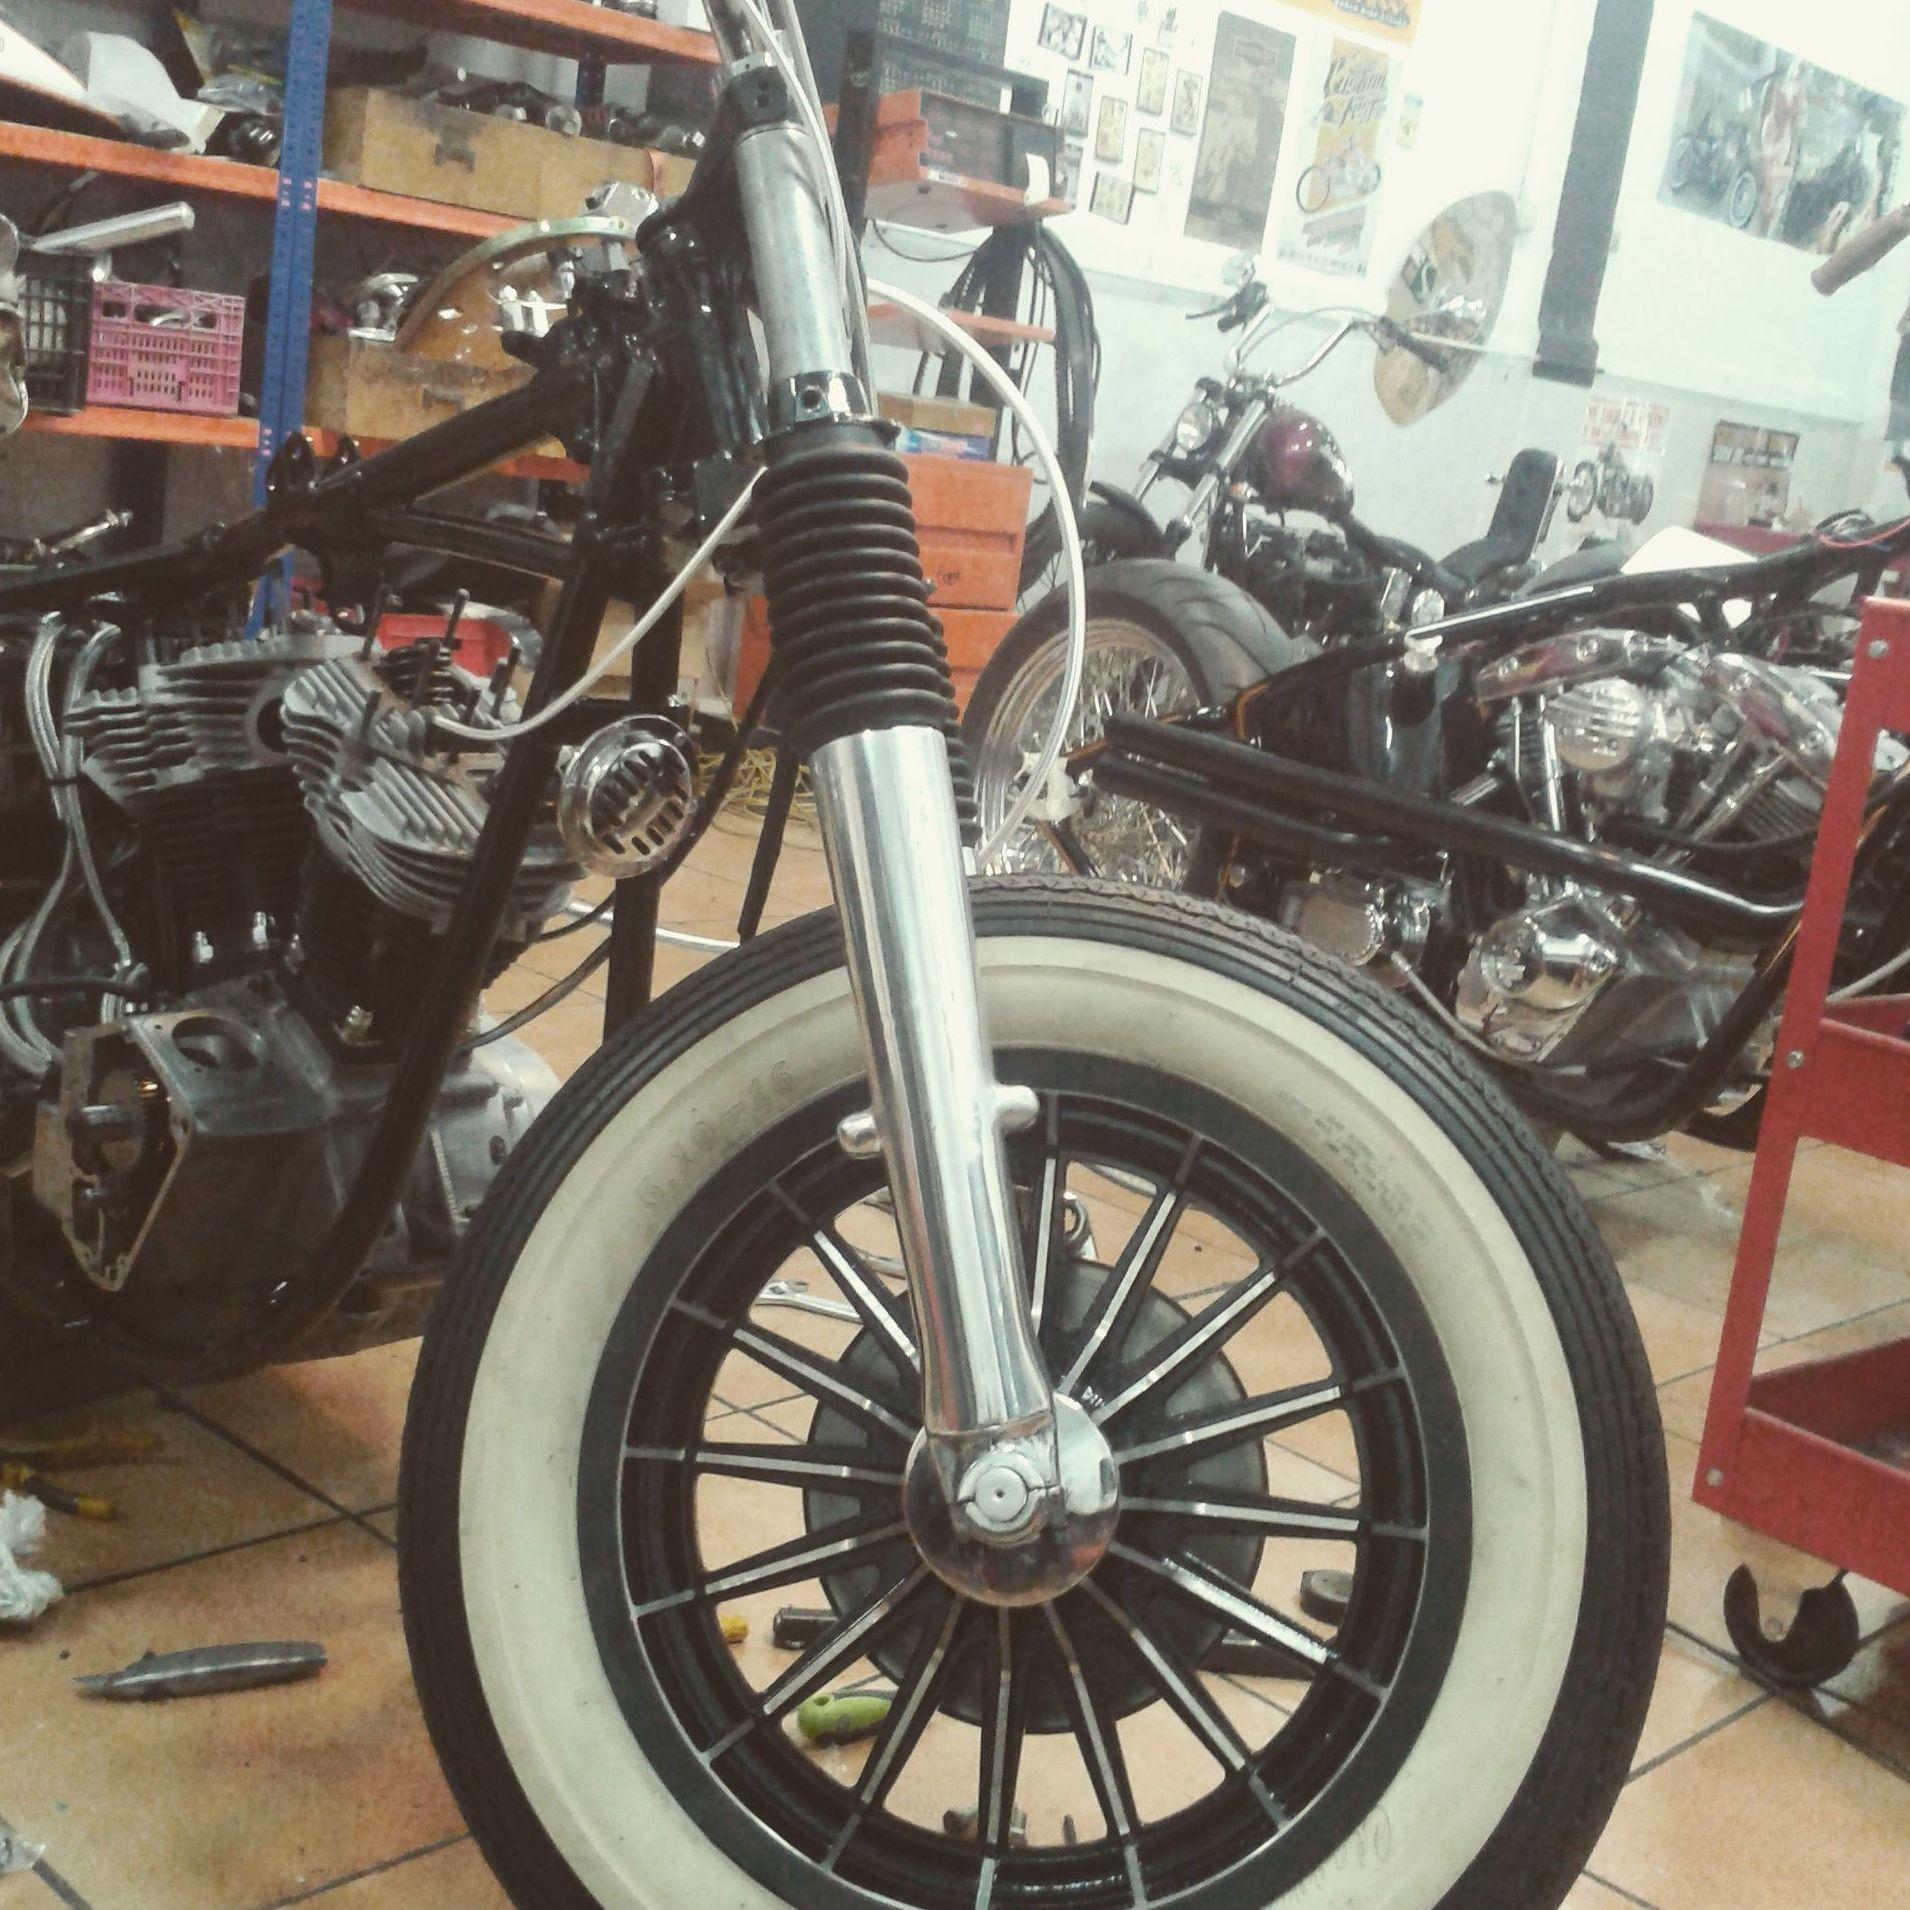 restauracion motos custom, moto custom, harley davidson, Shovelhead